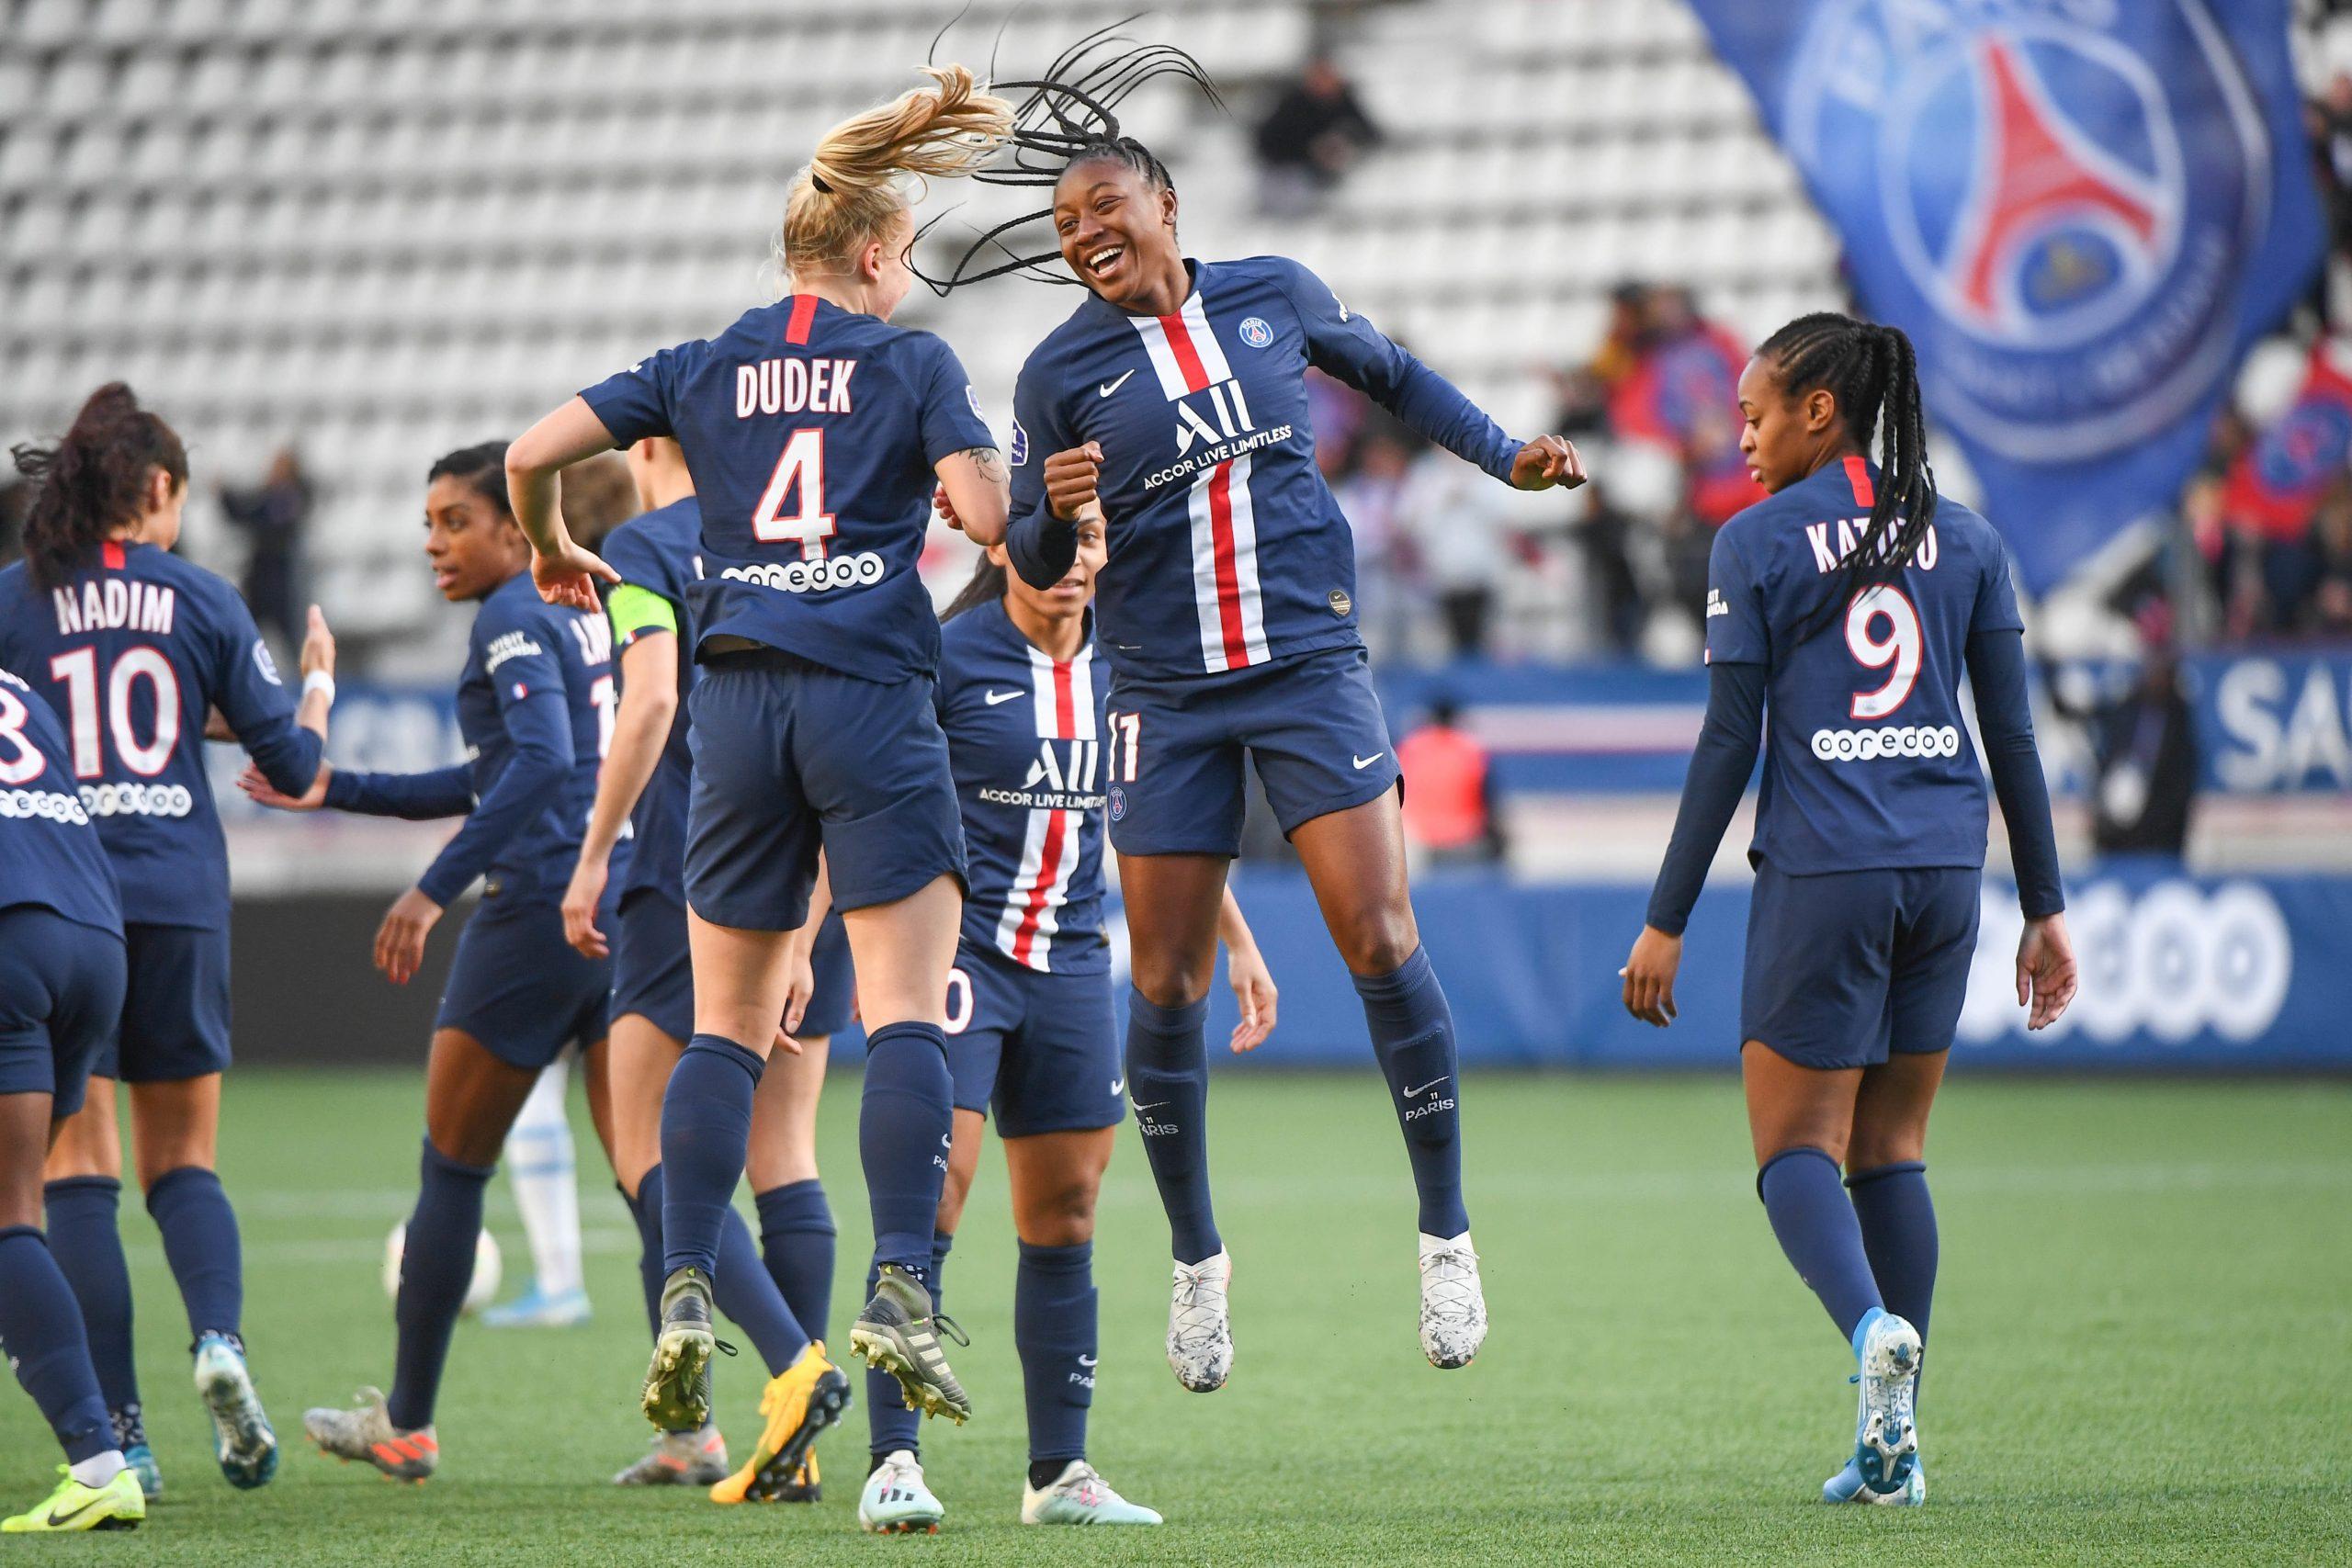 PSG/OM - Tous 11 buts de la victoire 11-0 des Parisiennes !